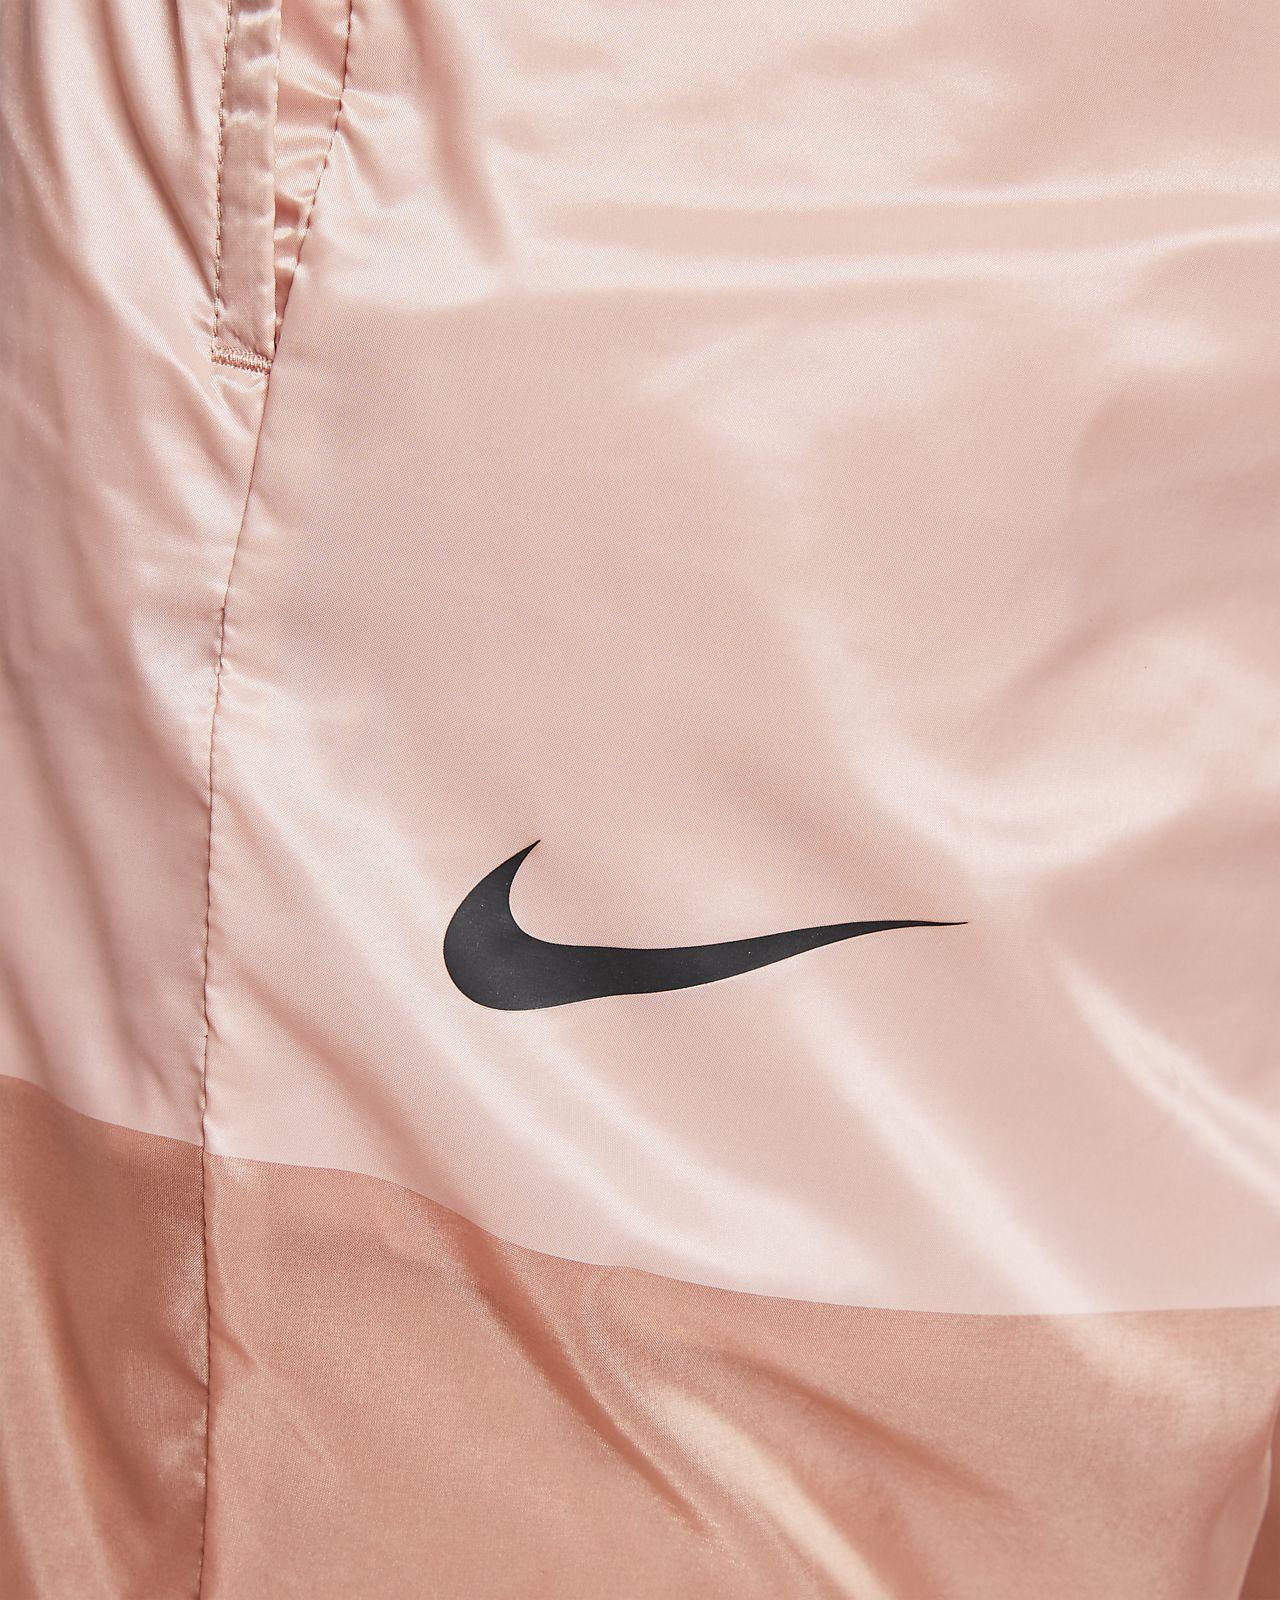 Pour Pantalon Tissé Femme Nike Tech Sportswear Pack fg76yb